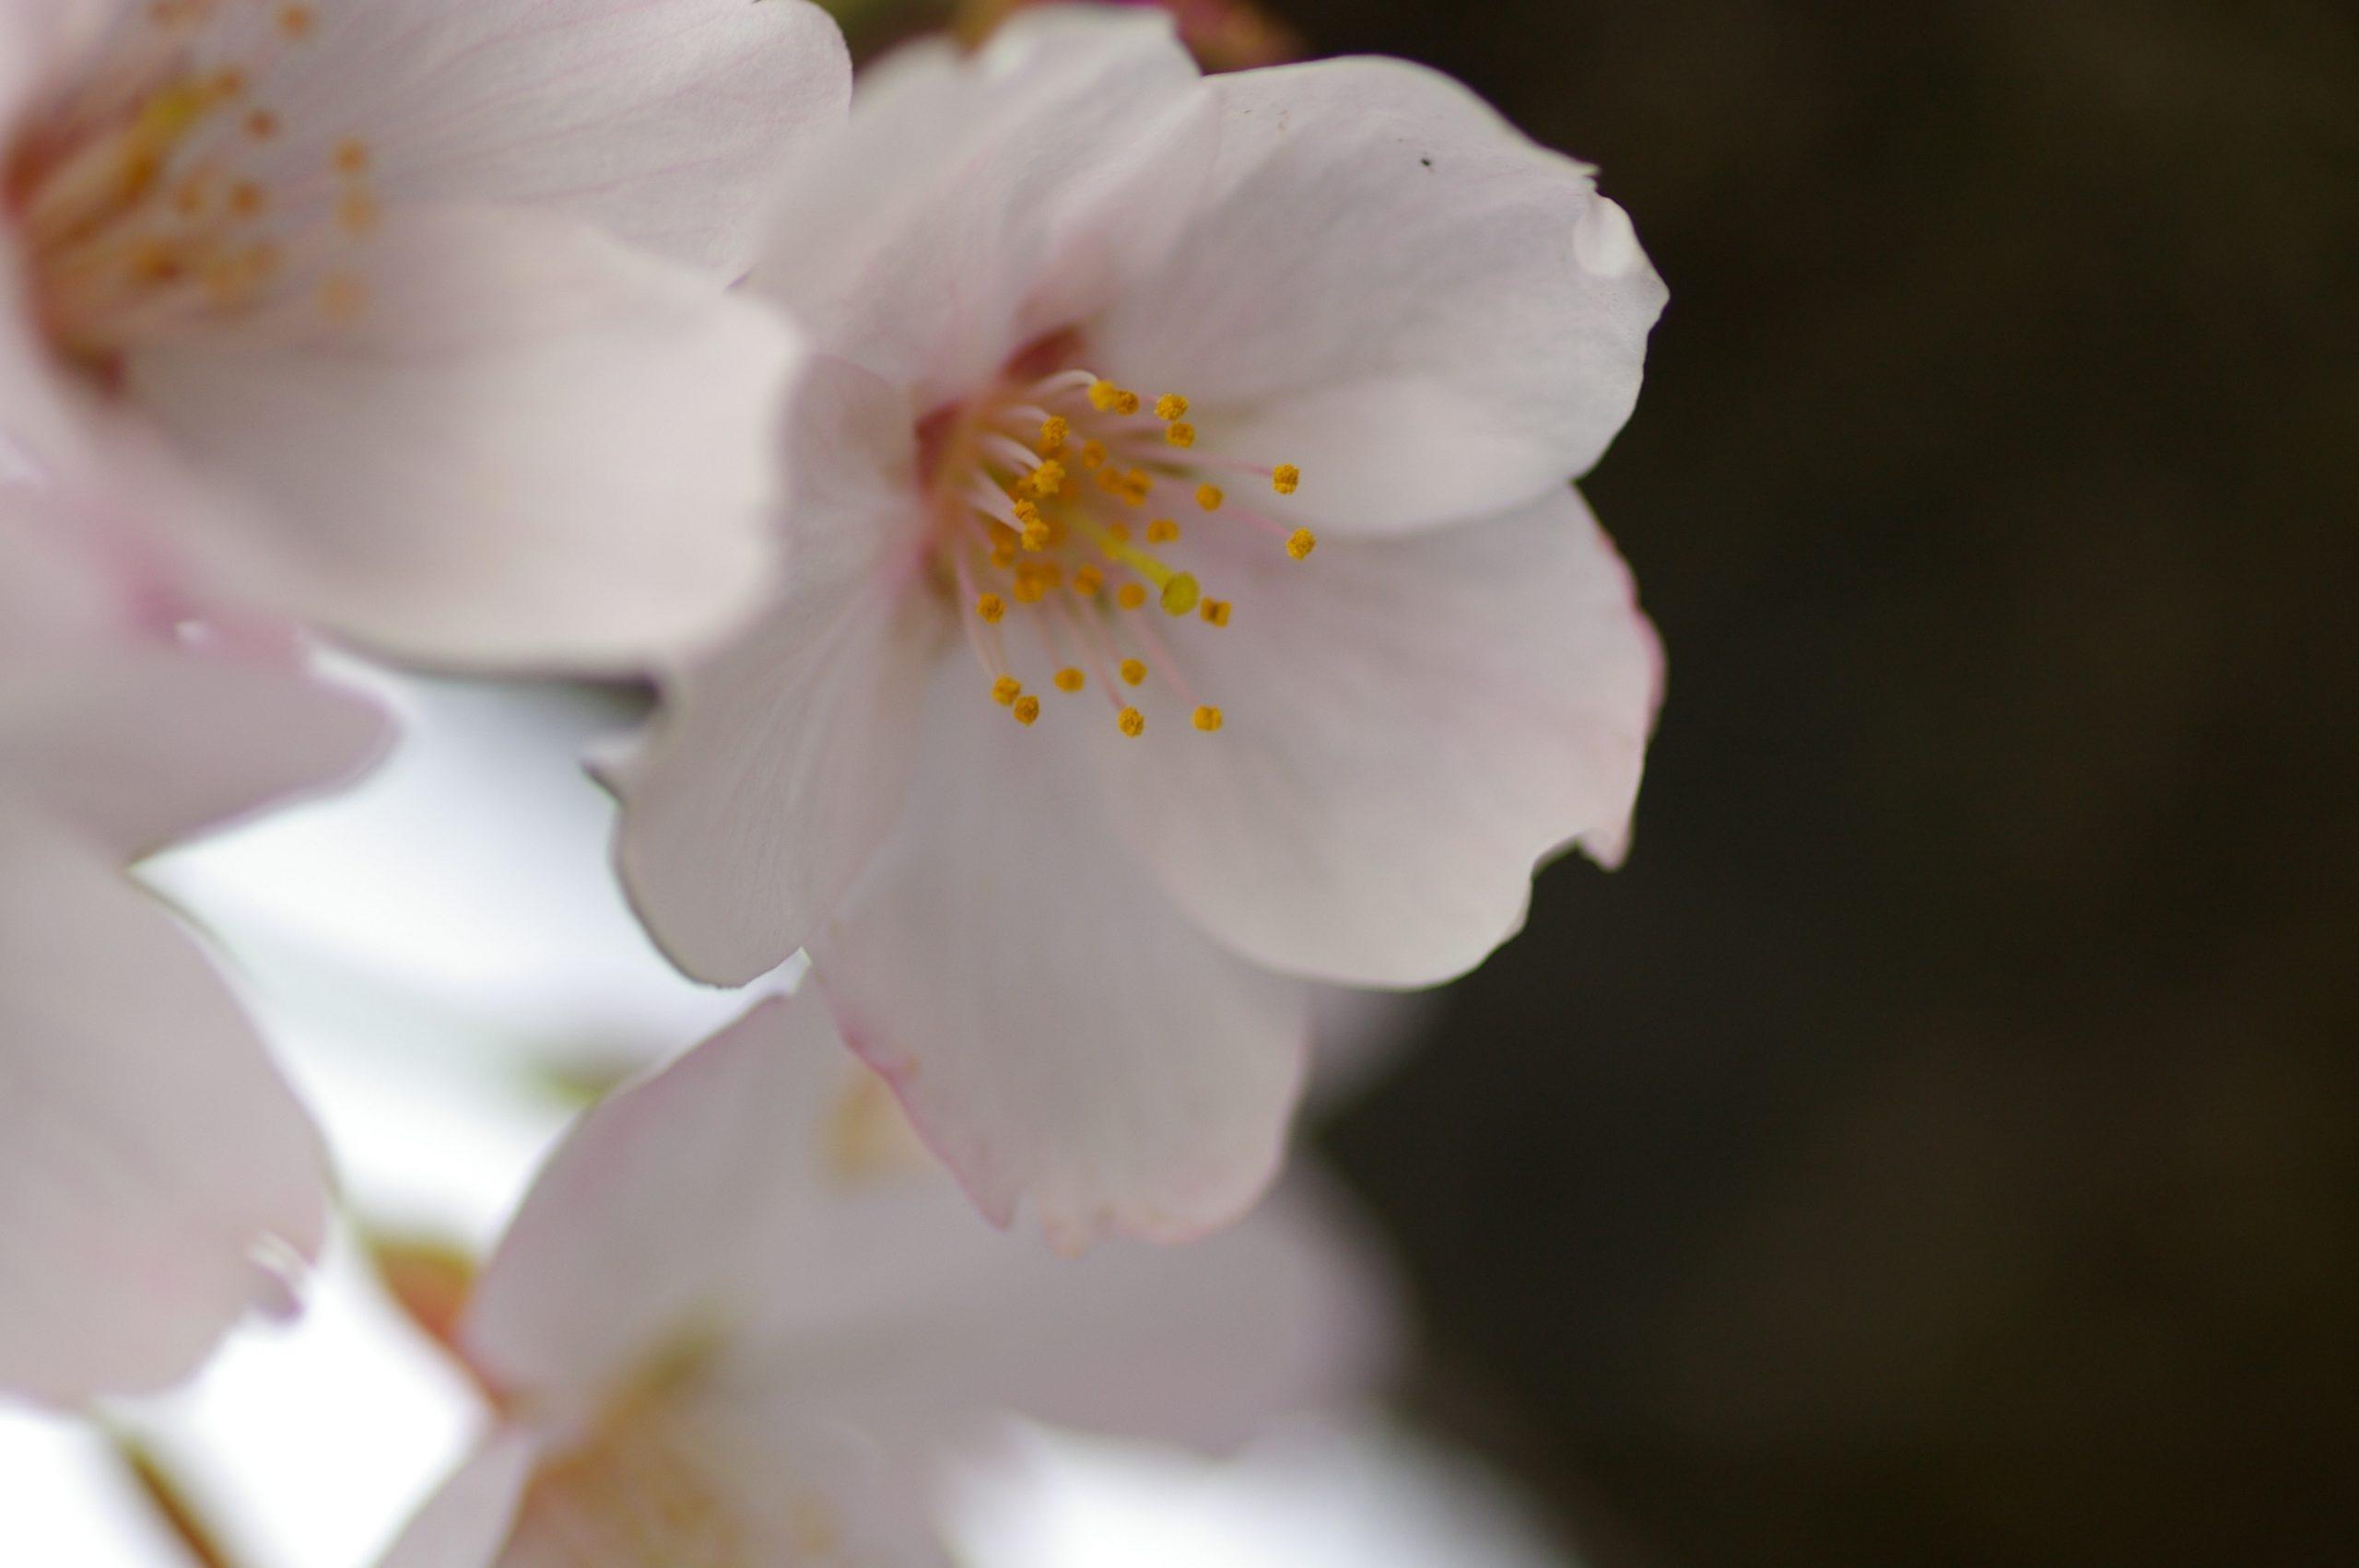 【PENTAX】写真整理でちょっとお花見